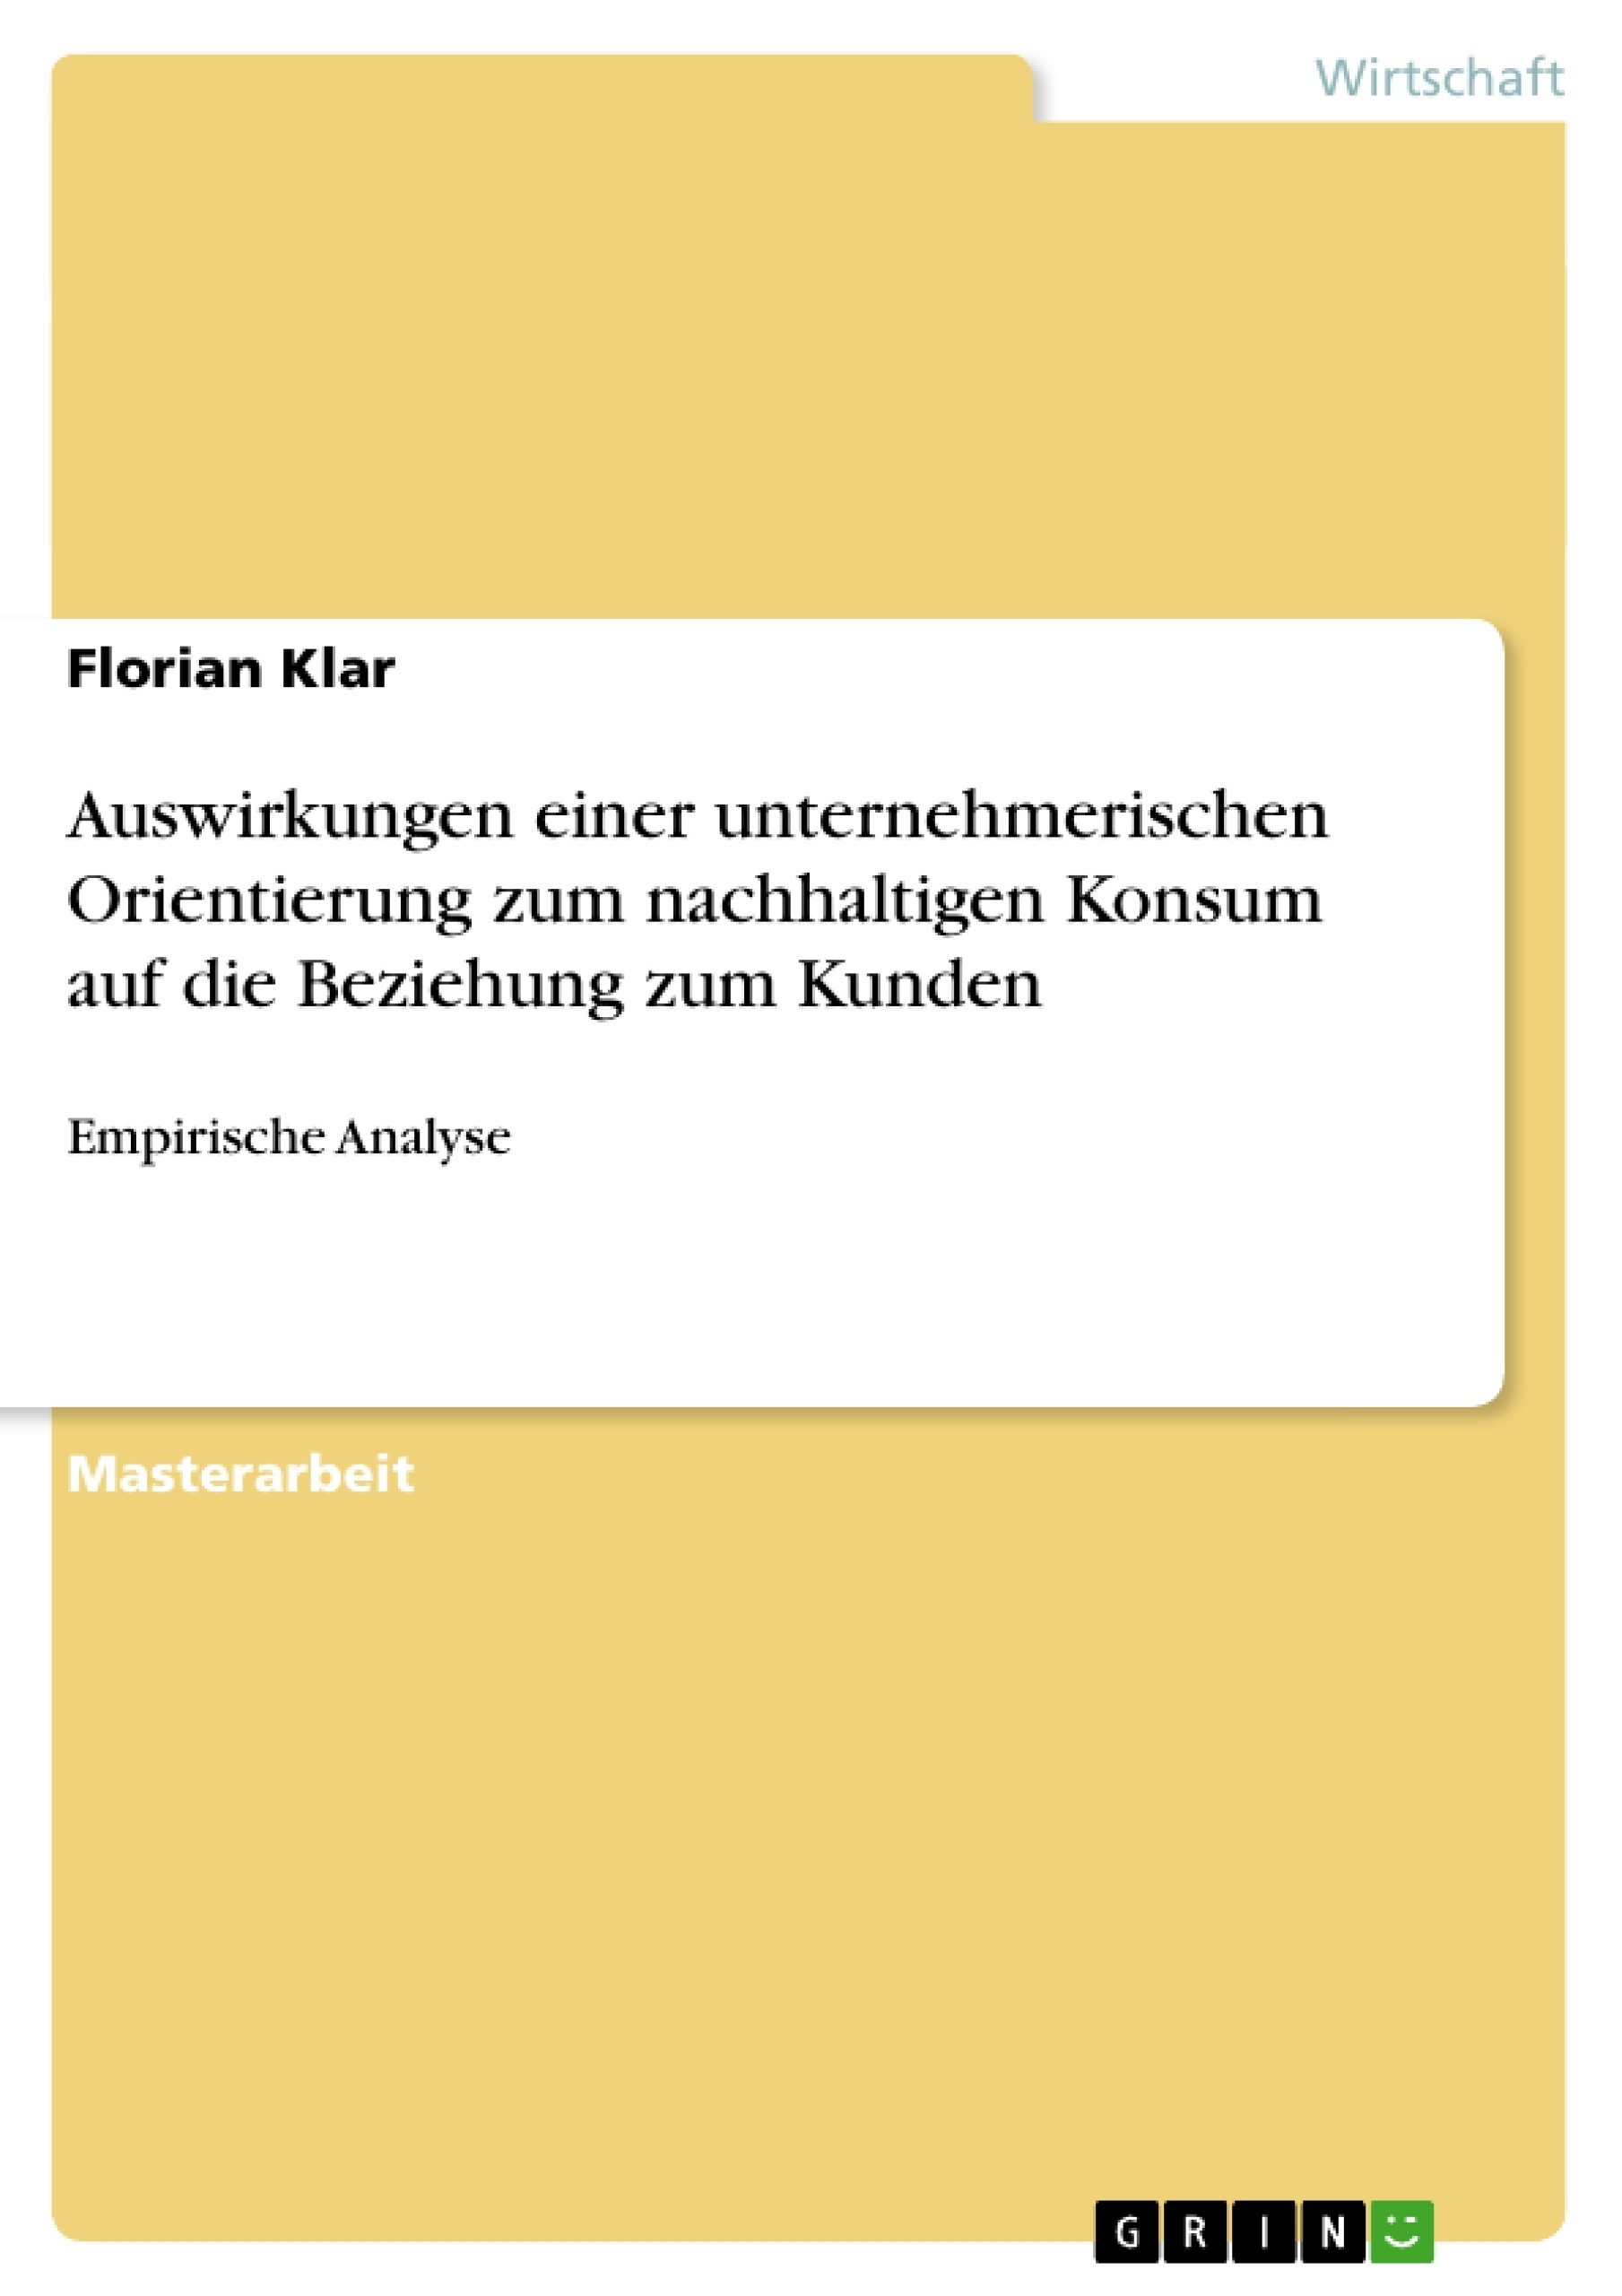 Titel: Auswirkungen einer unternehmerischen Orientierung zum nachhaltigen Konsum auf die Beziehung zum Kunden